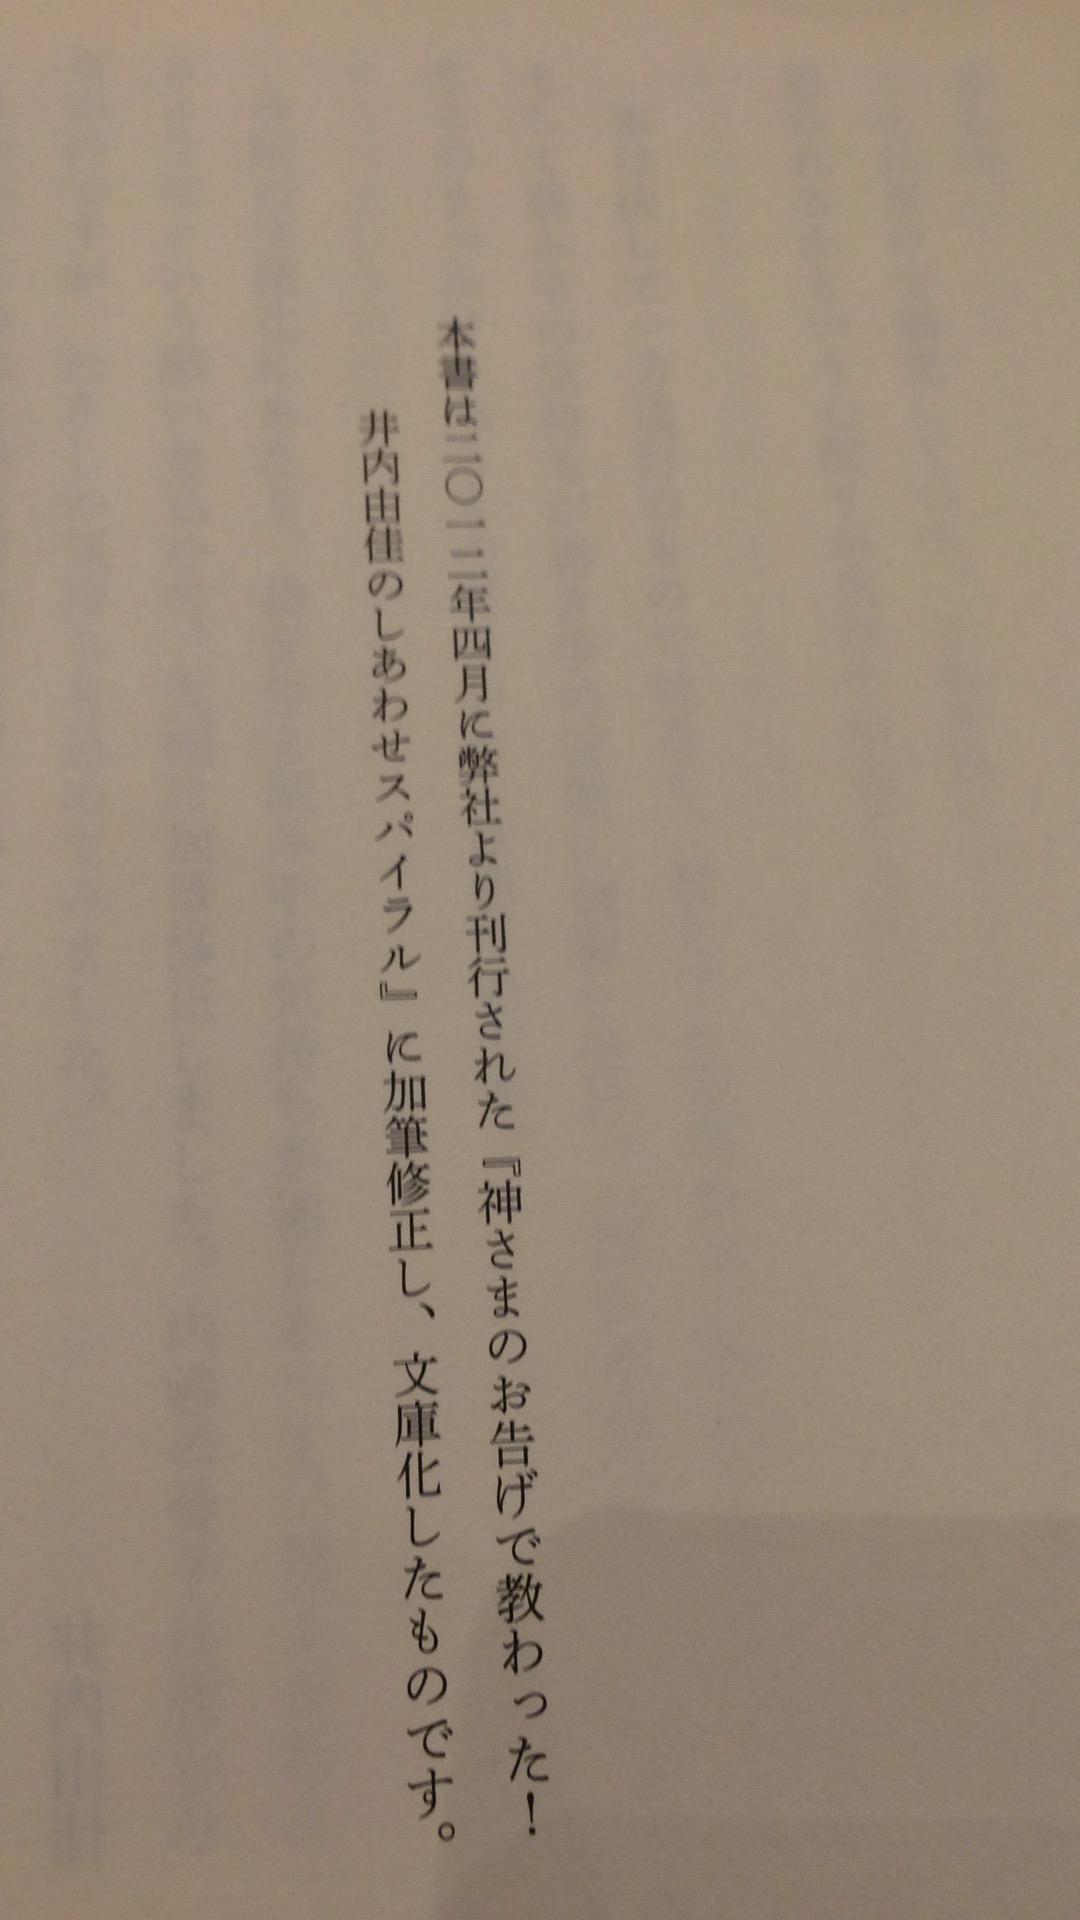 井内由佳さんの本